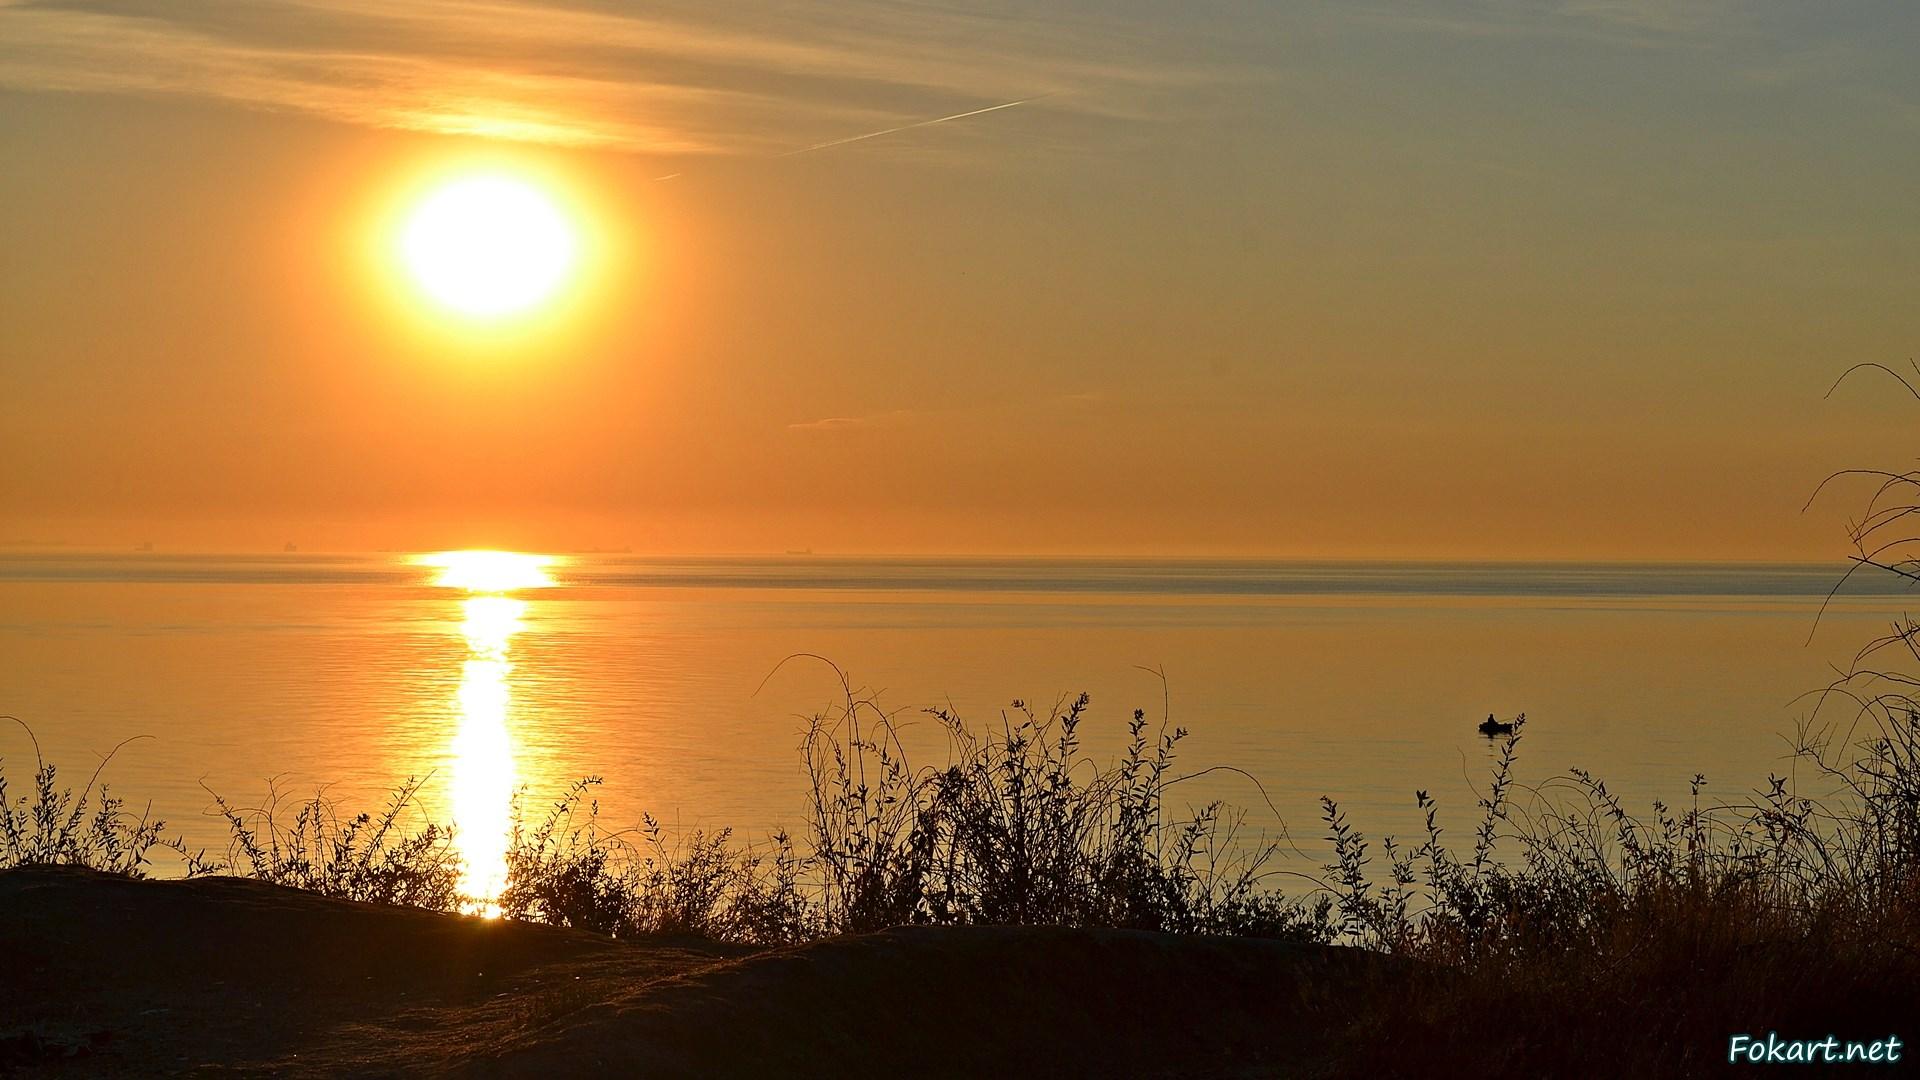 Летний рассвет над морем. Солнце, солнечная дорожка на воде, одинокая лодка и оранжевые краски неба.